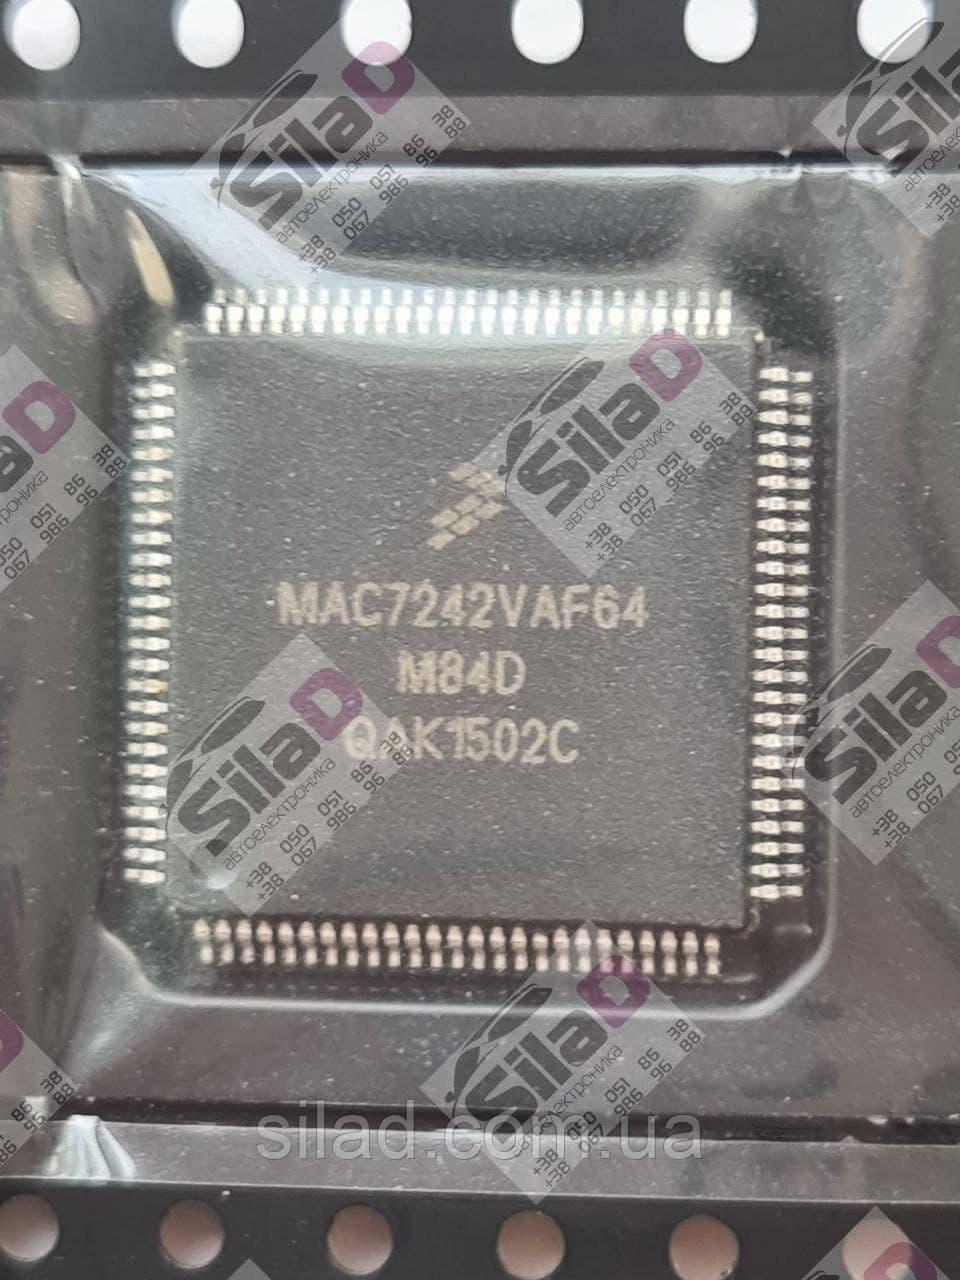 Микросхема MAC7242VAF64 M84D Motorola корпус LQFP100